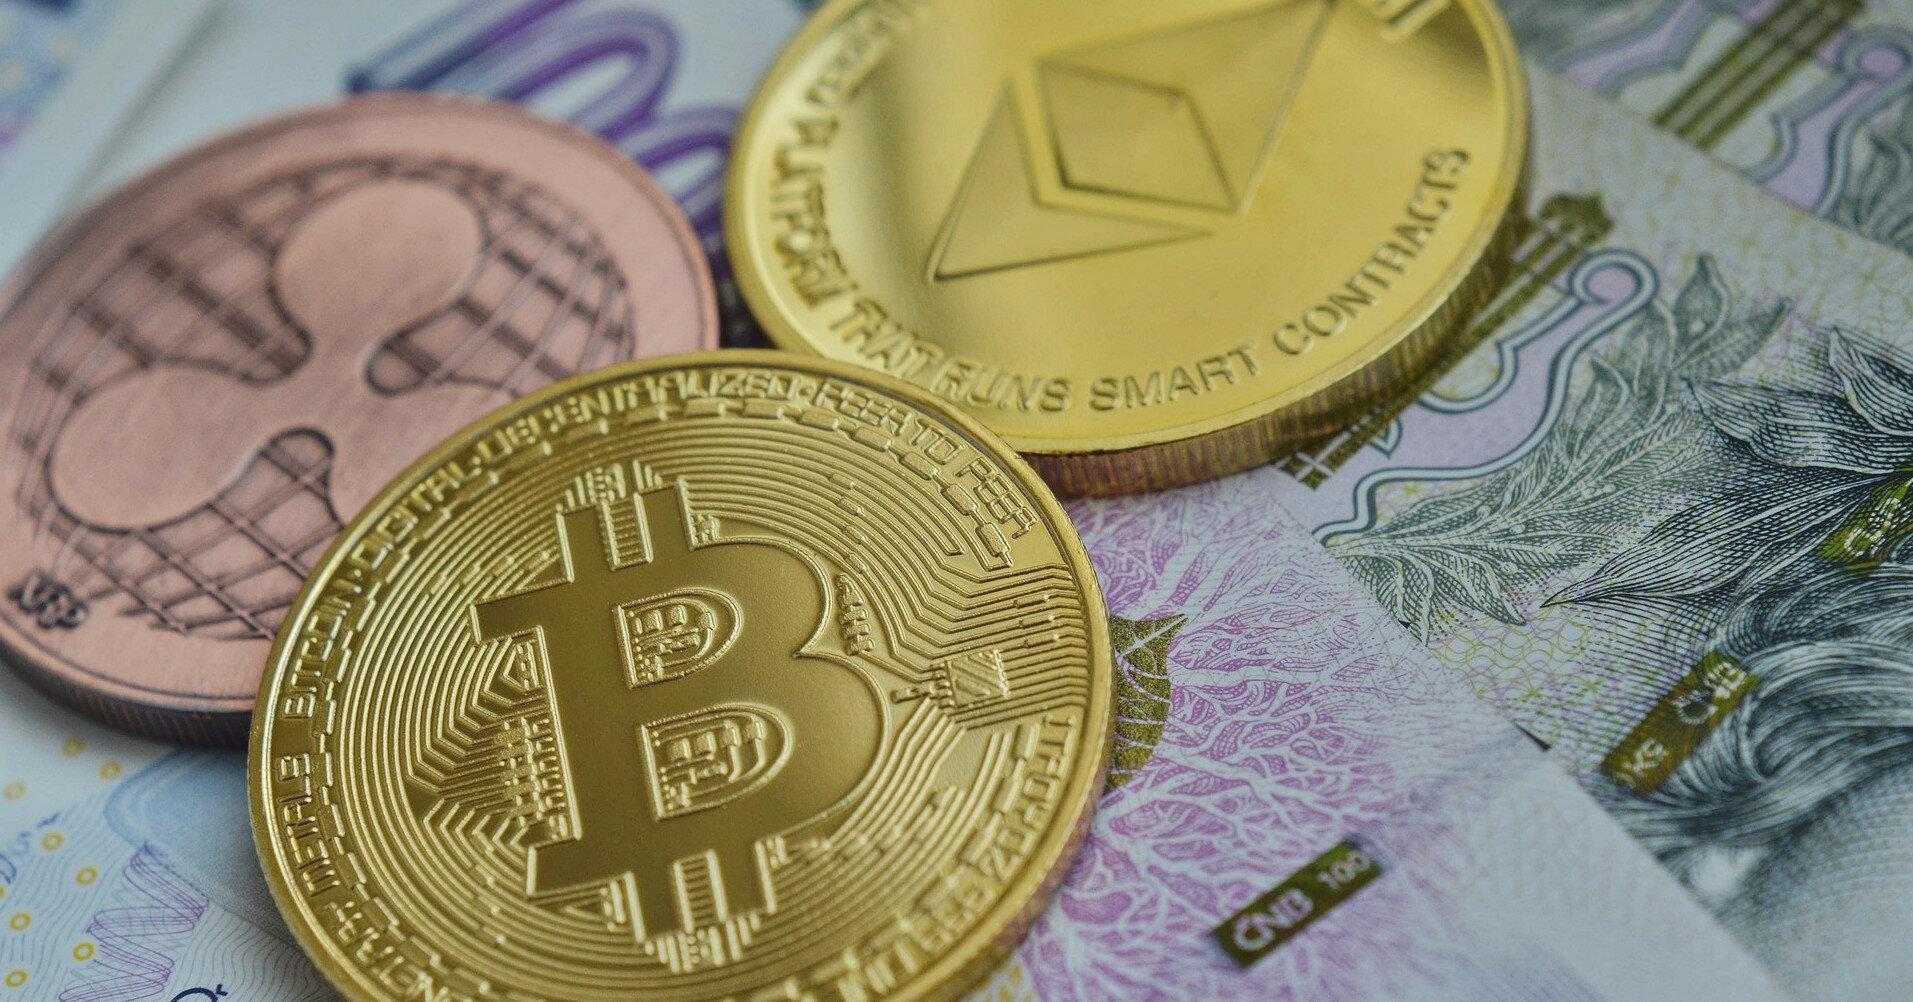 Цена биткоина и других монет через биржевой стакан: как читать ордербук